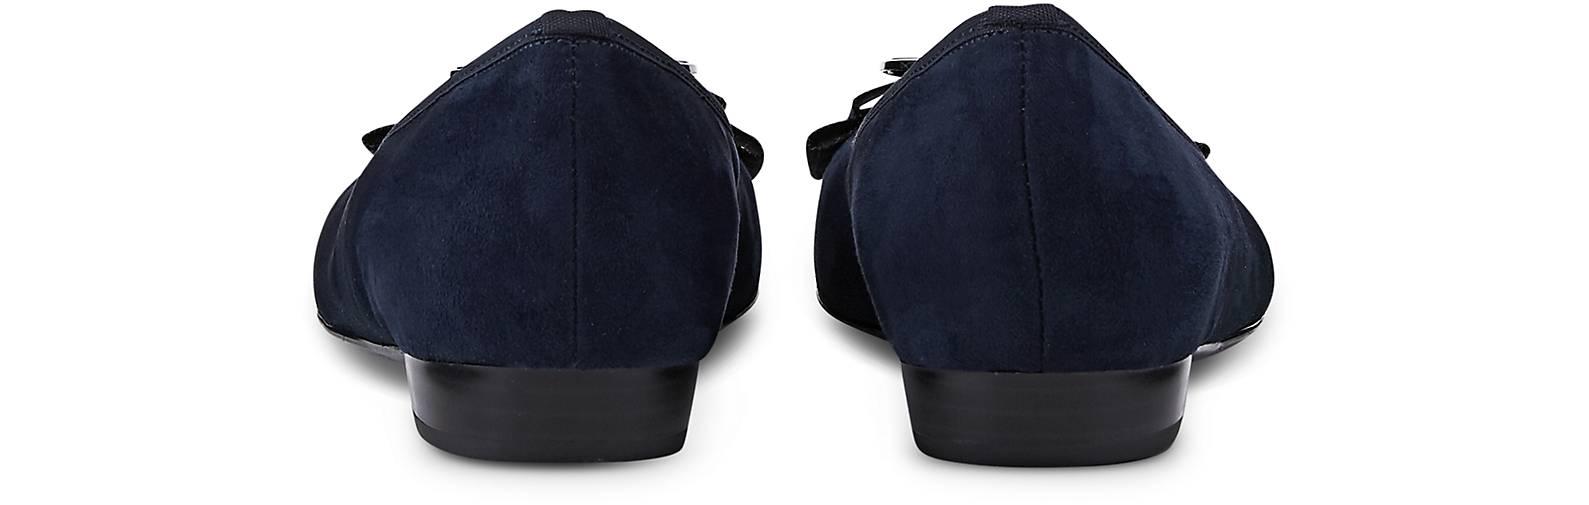 Jenny Fashion-Ballerina in blau-dunkel kaufen - 48049201 | Schuhe GÖRTZ Gute Qualität beliebte Schuhe | 1a7dcf